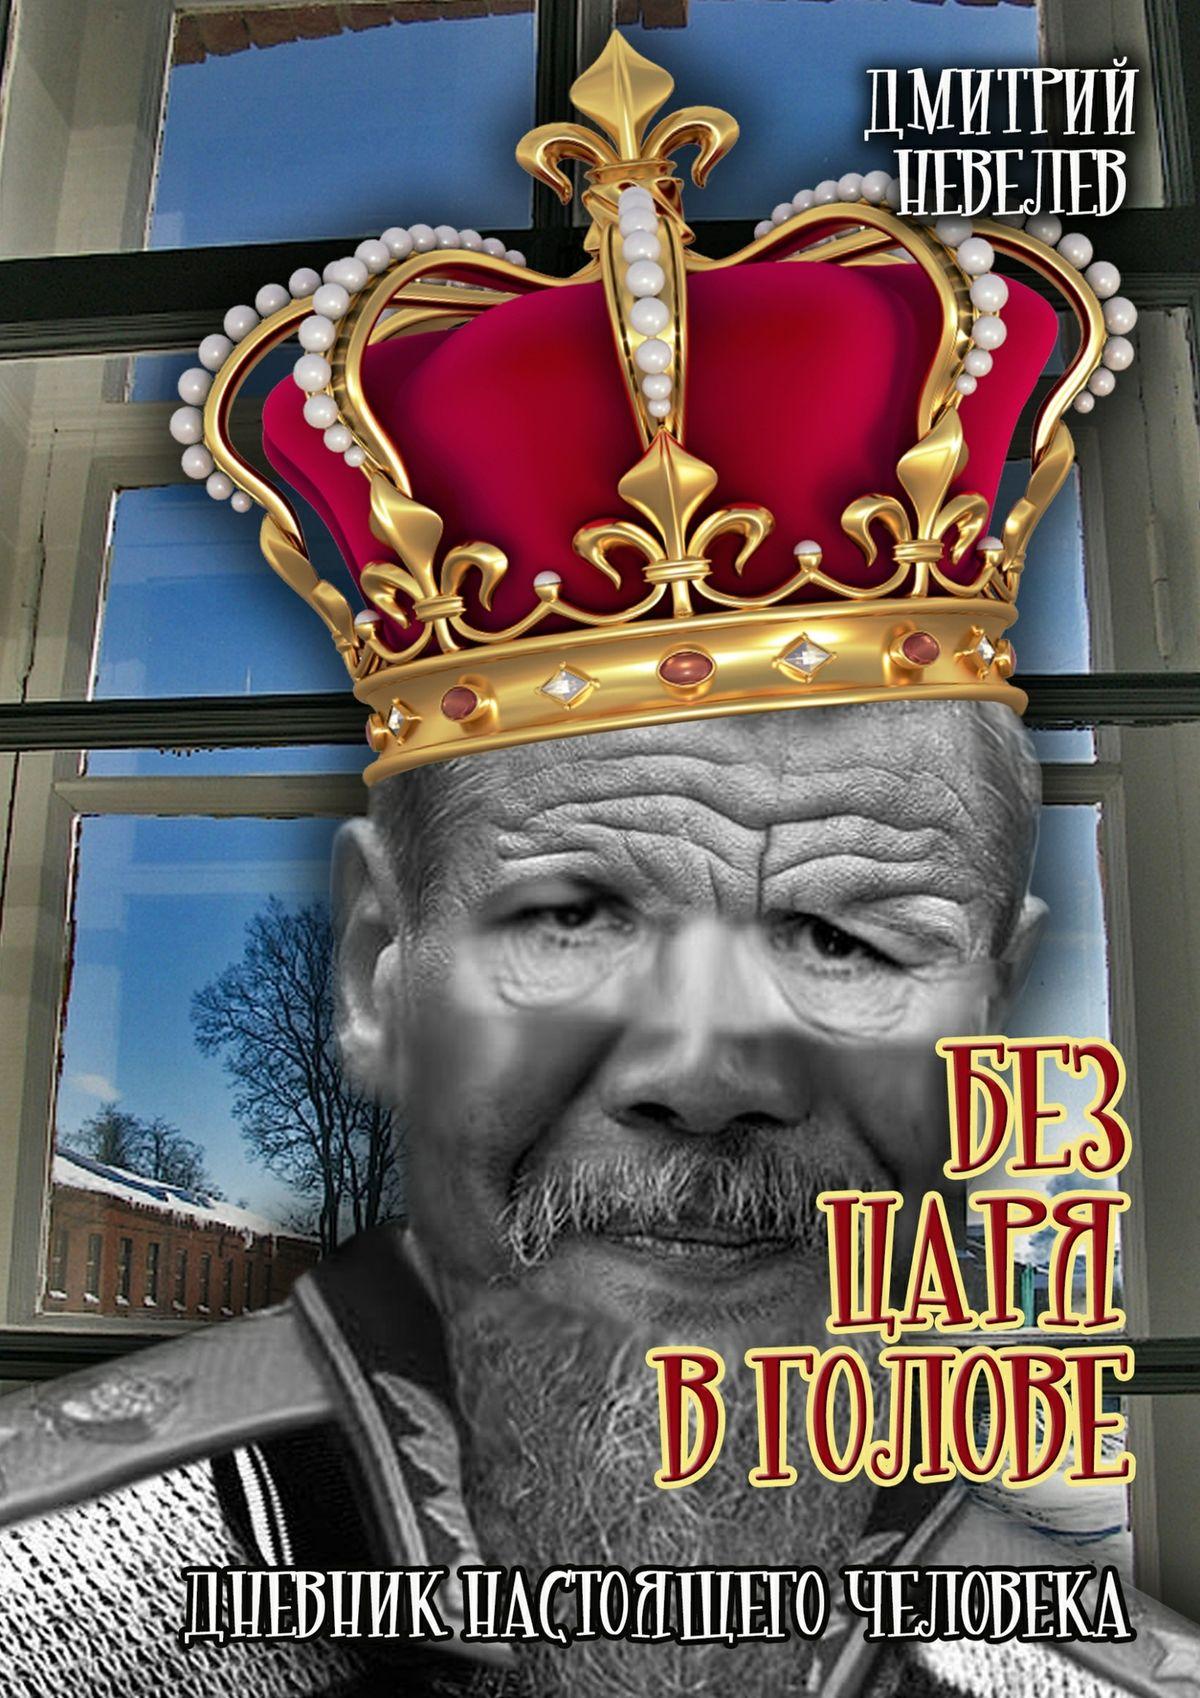 Без царя вголове